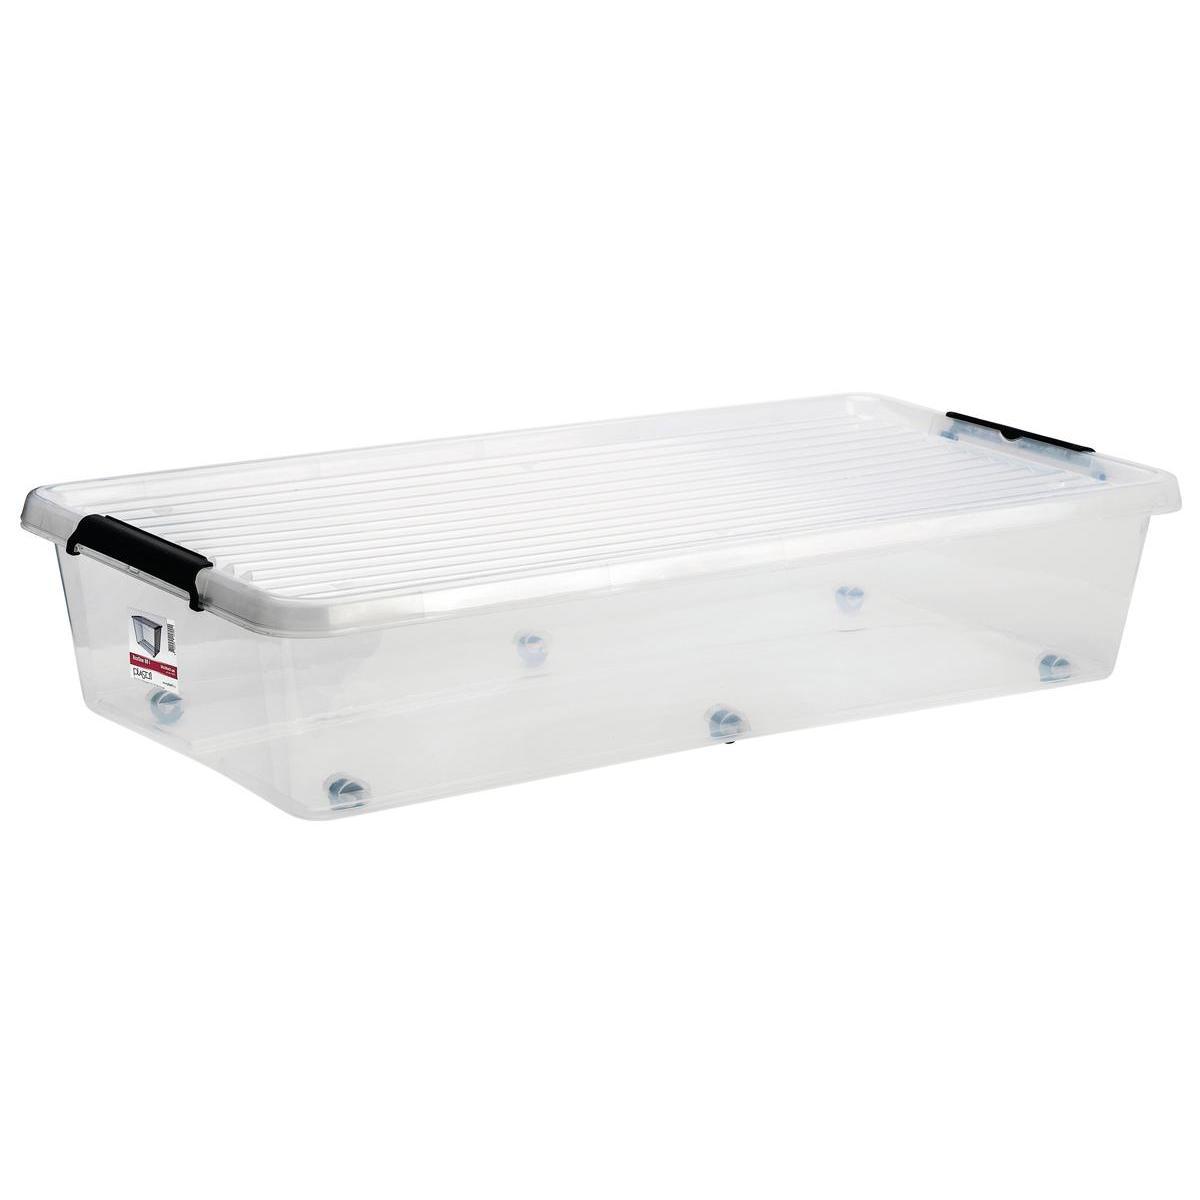 Box Dessous De Lit 35 L Rangement Plastique La Foir Fouille